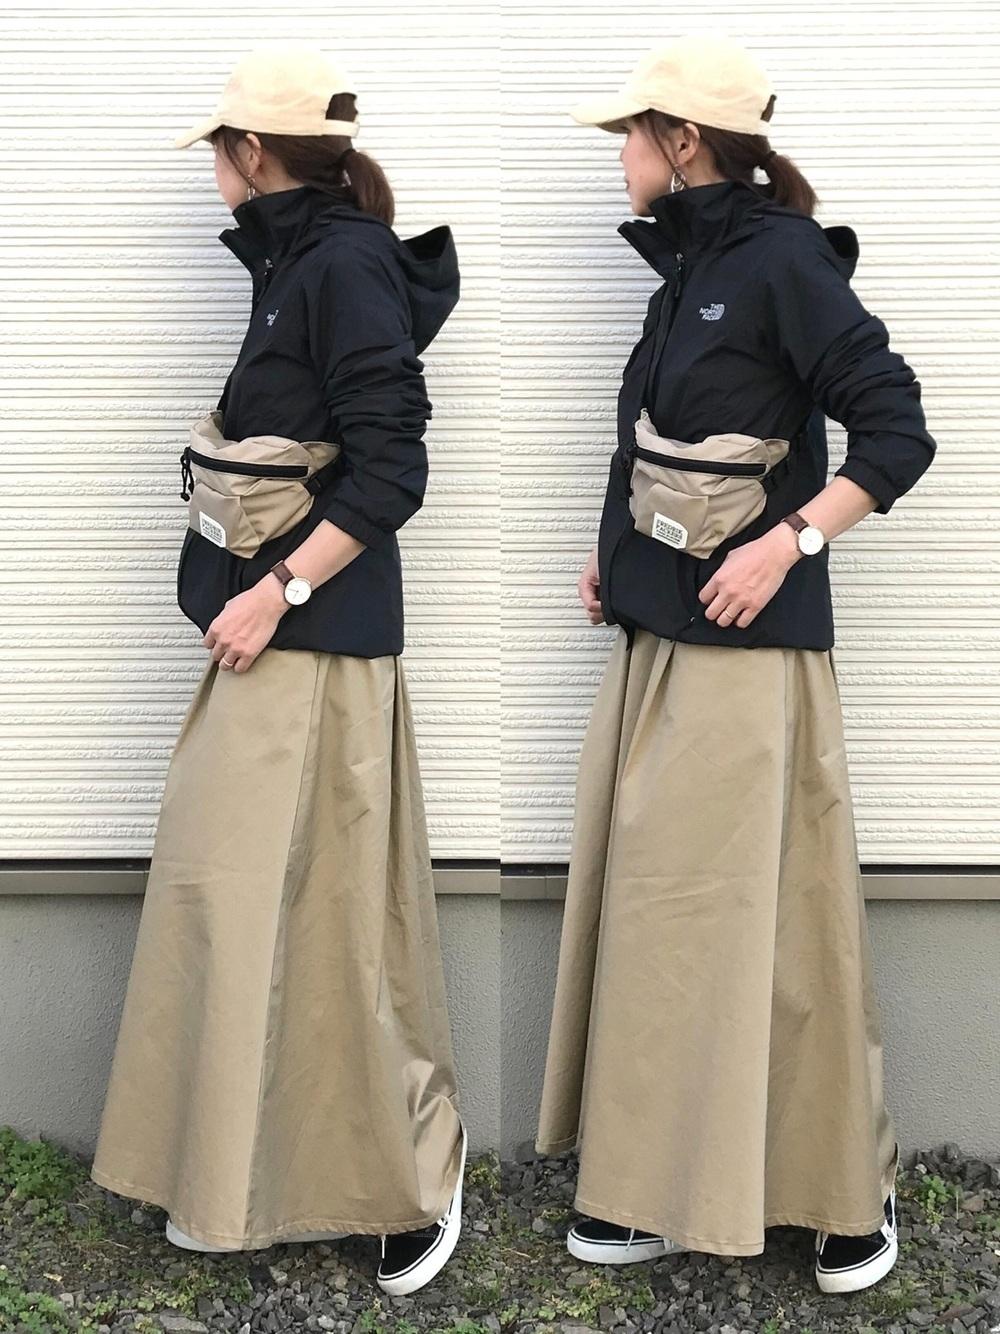 ベージュマキシ風スカート×ブラックナイロンジャケット